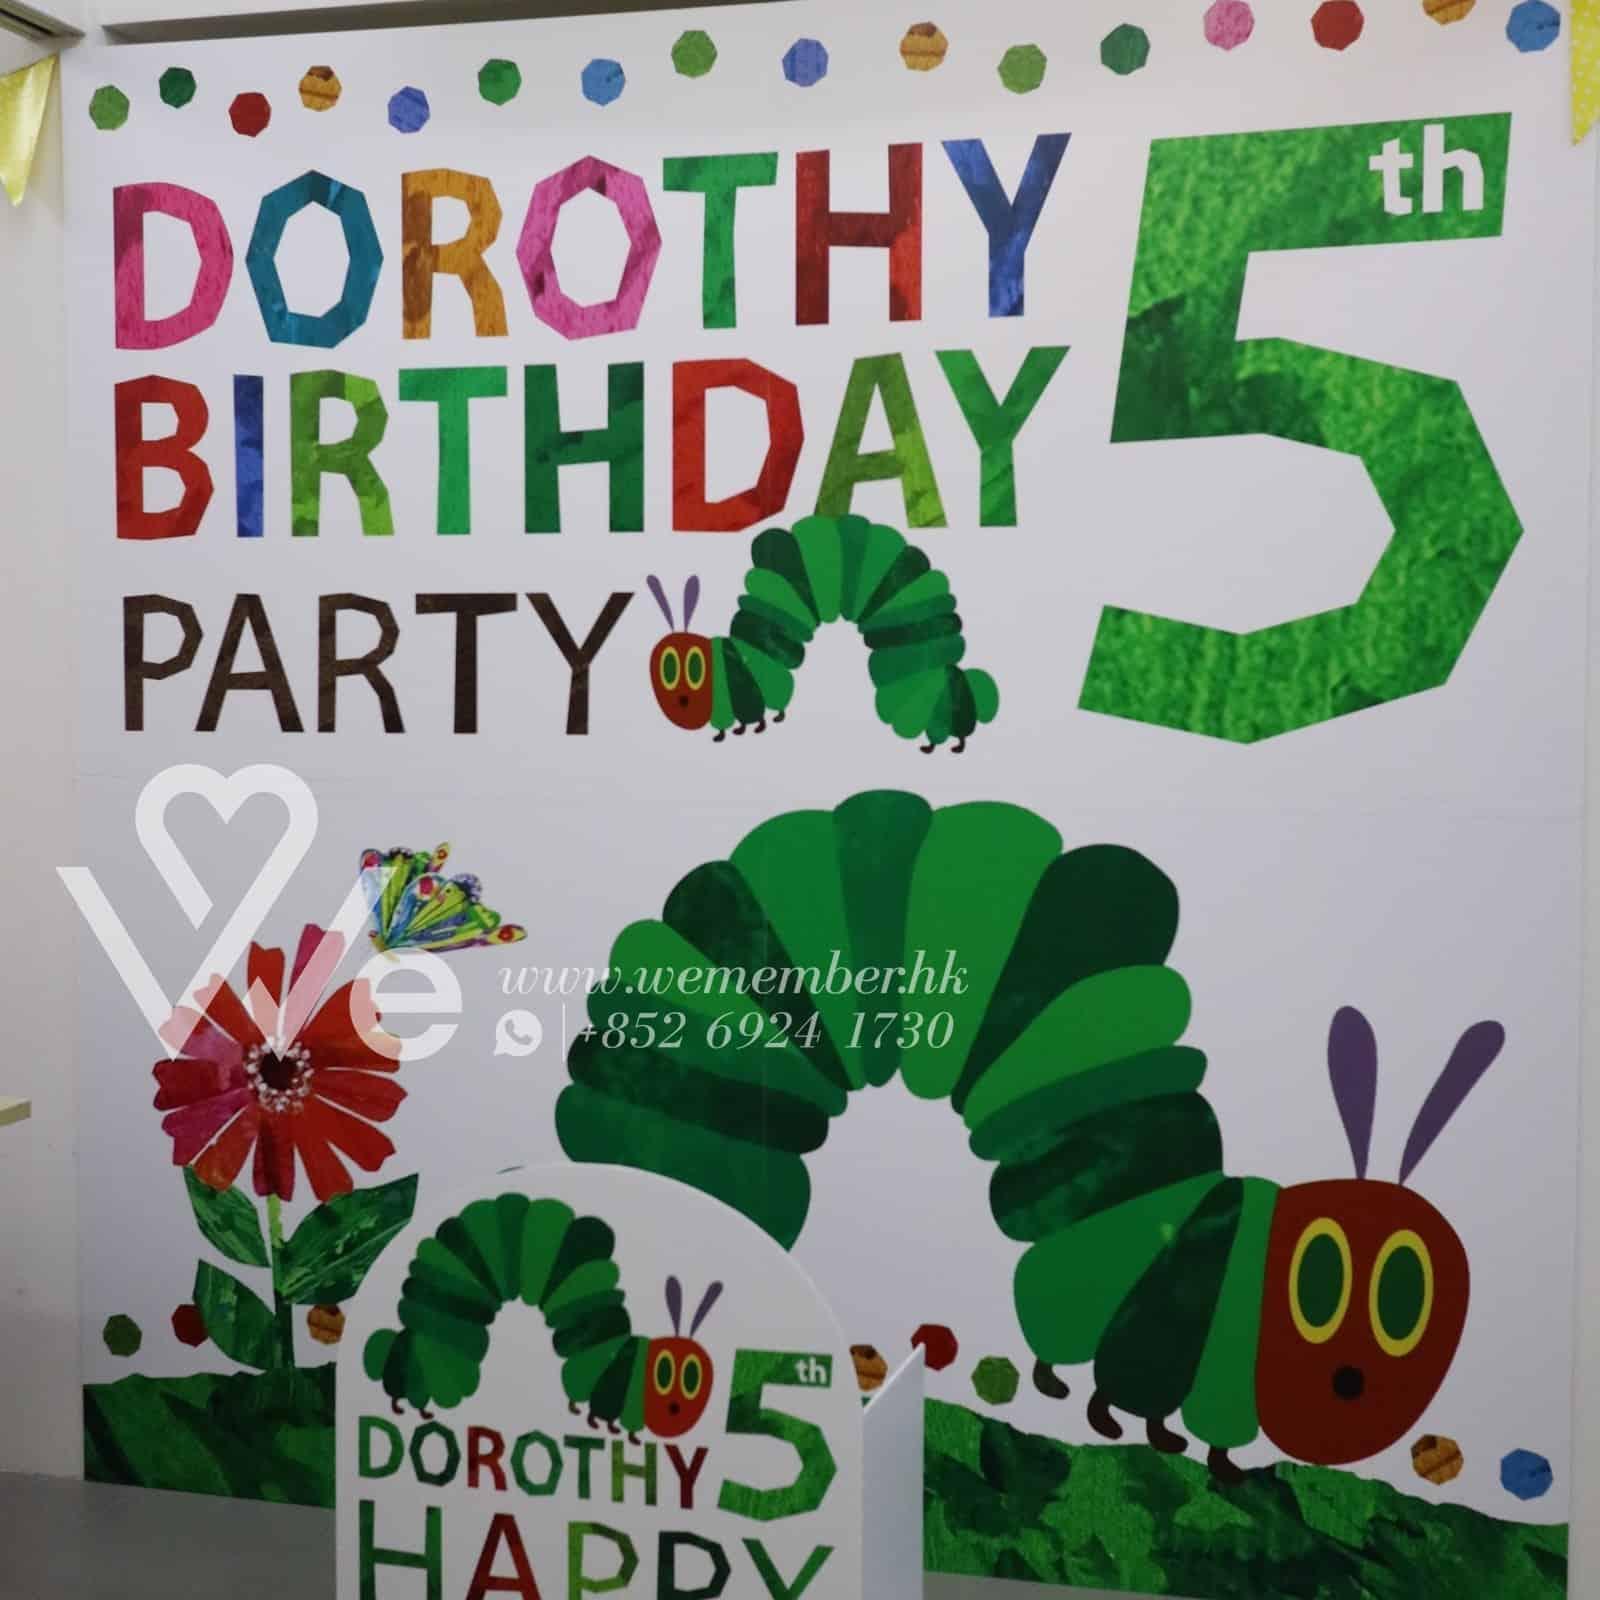 DorothyBirthday